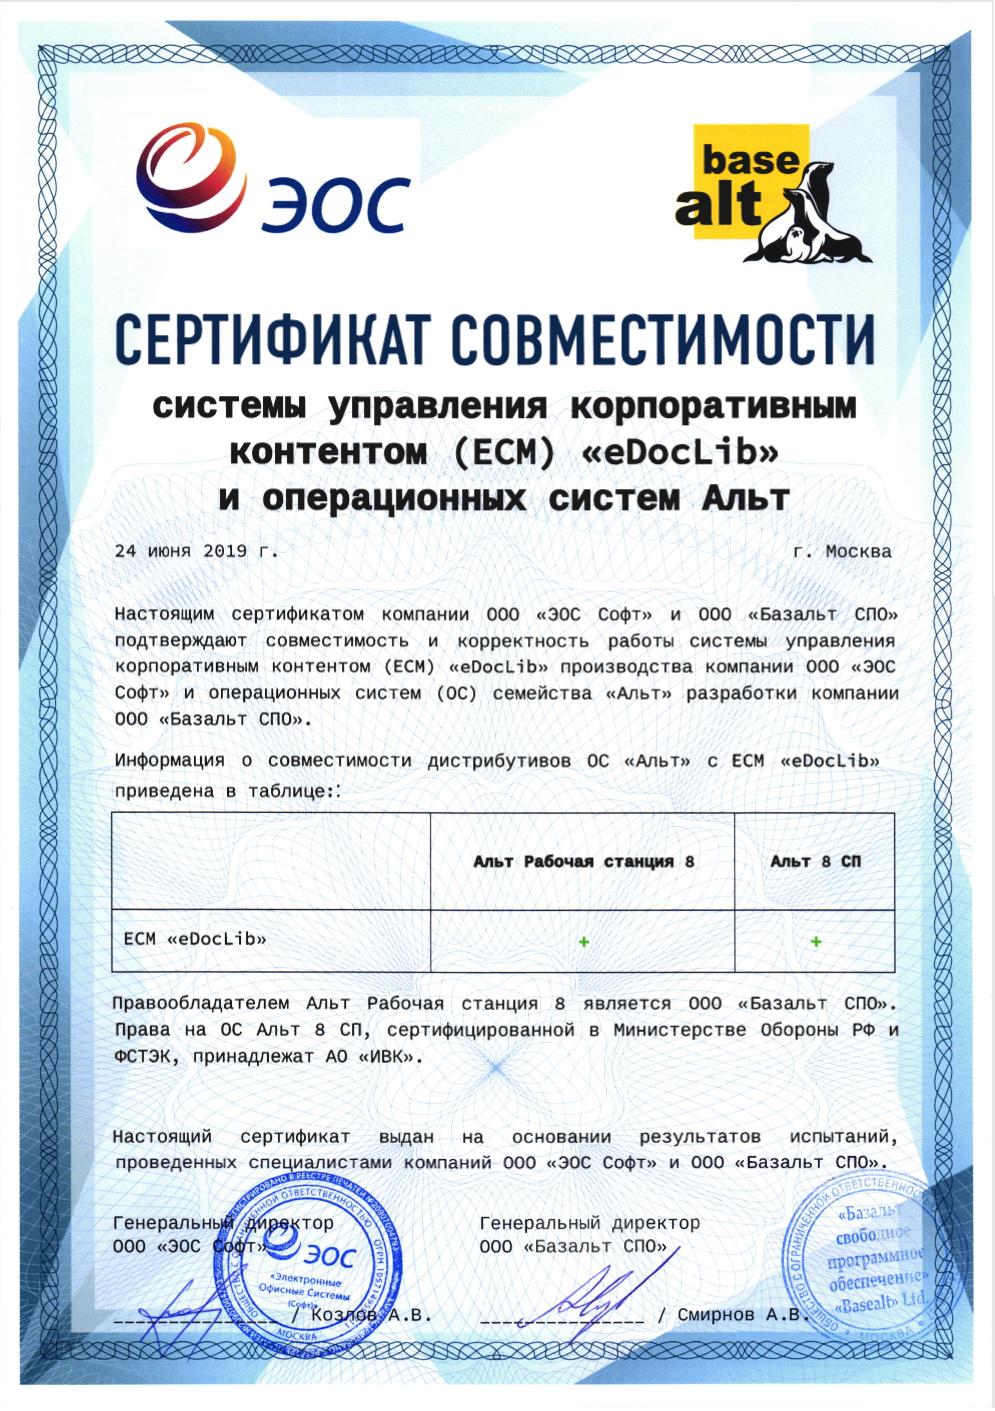 ЭОС и «Базальт СПО» подтвердили совместимость ECM-системы eDocLib и ОС семейства «Альт»